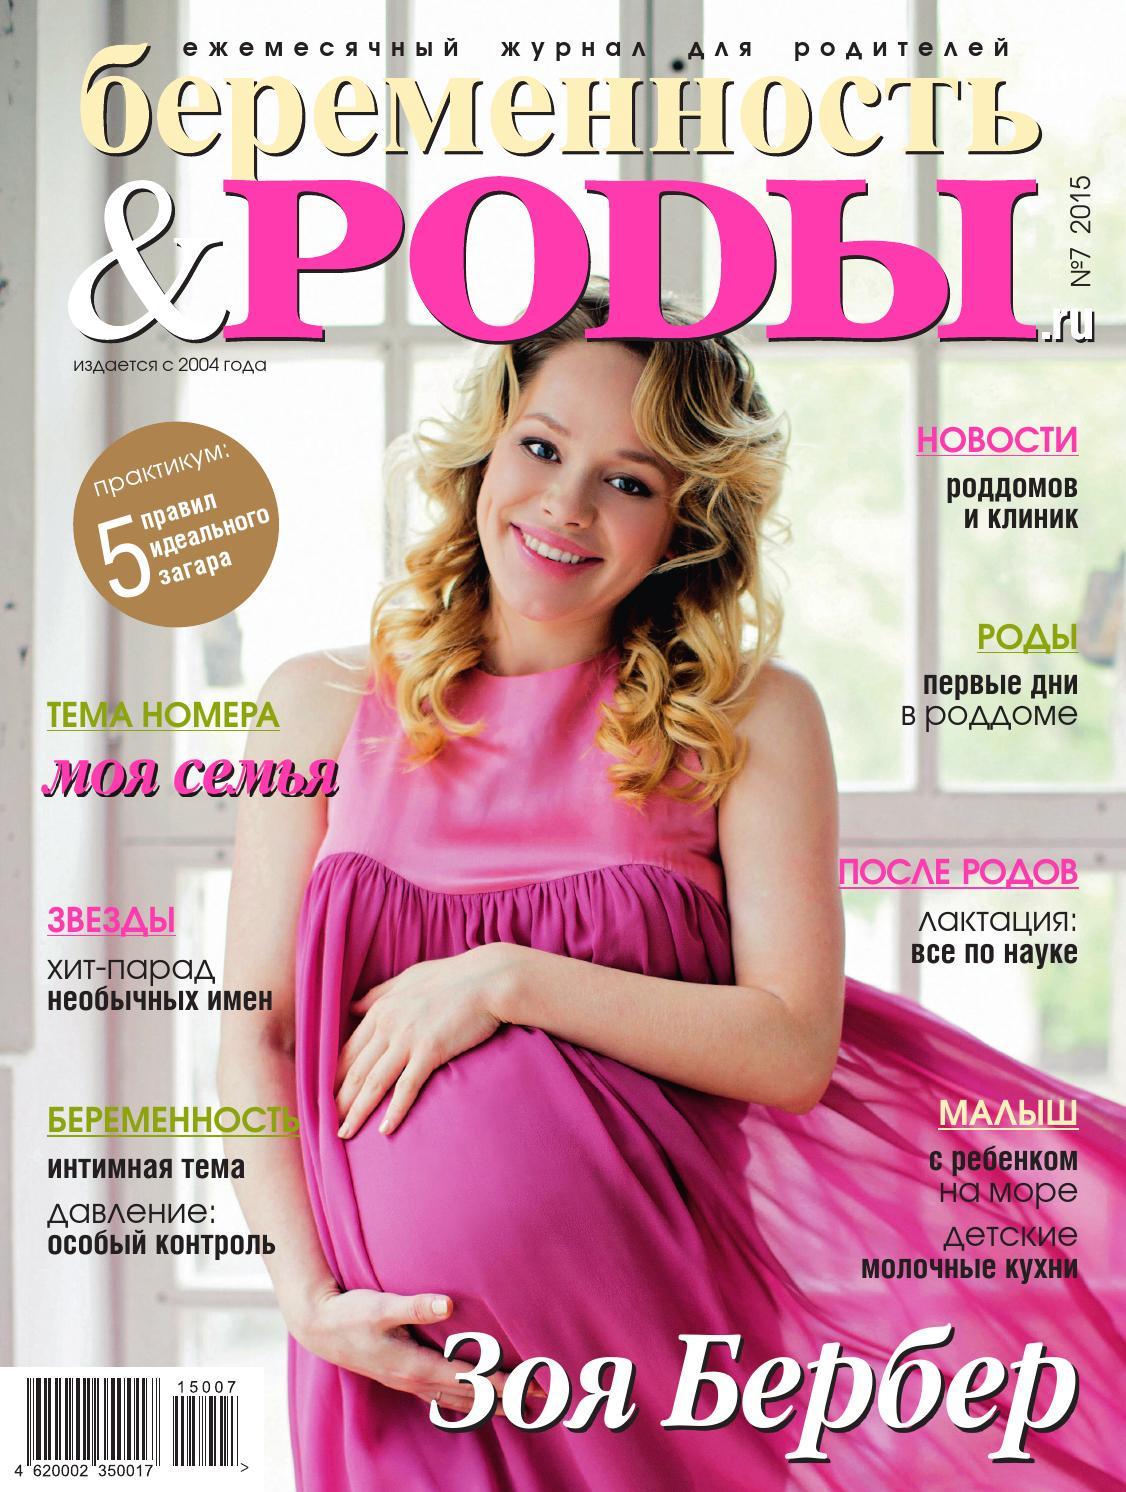 все про роды и беременность pdf